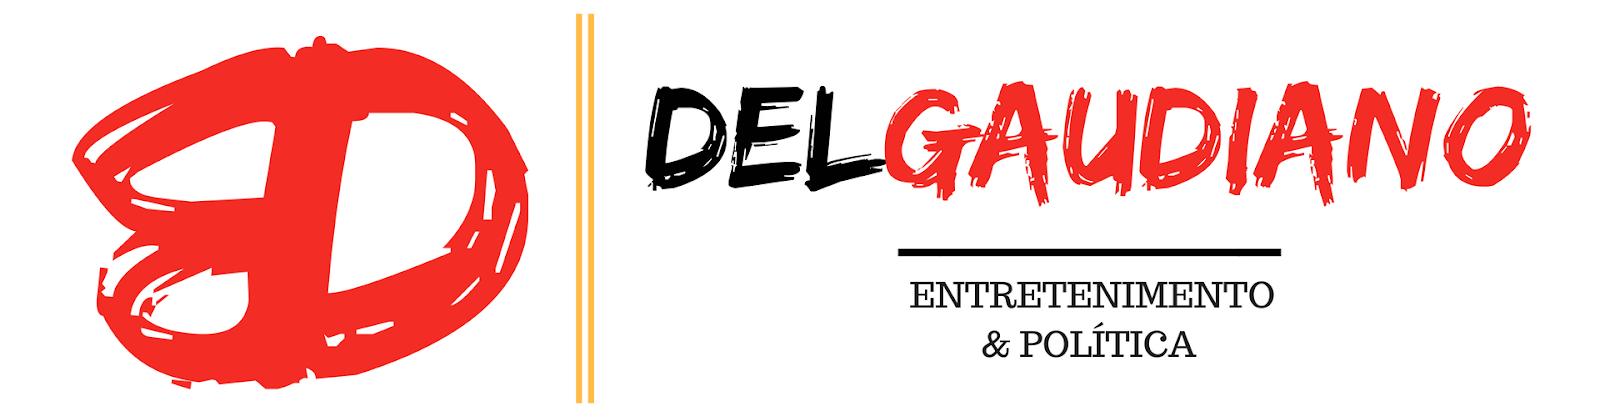 Delgaudiano